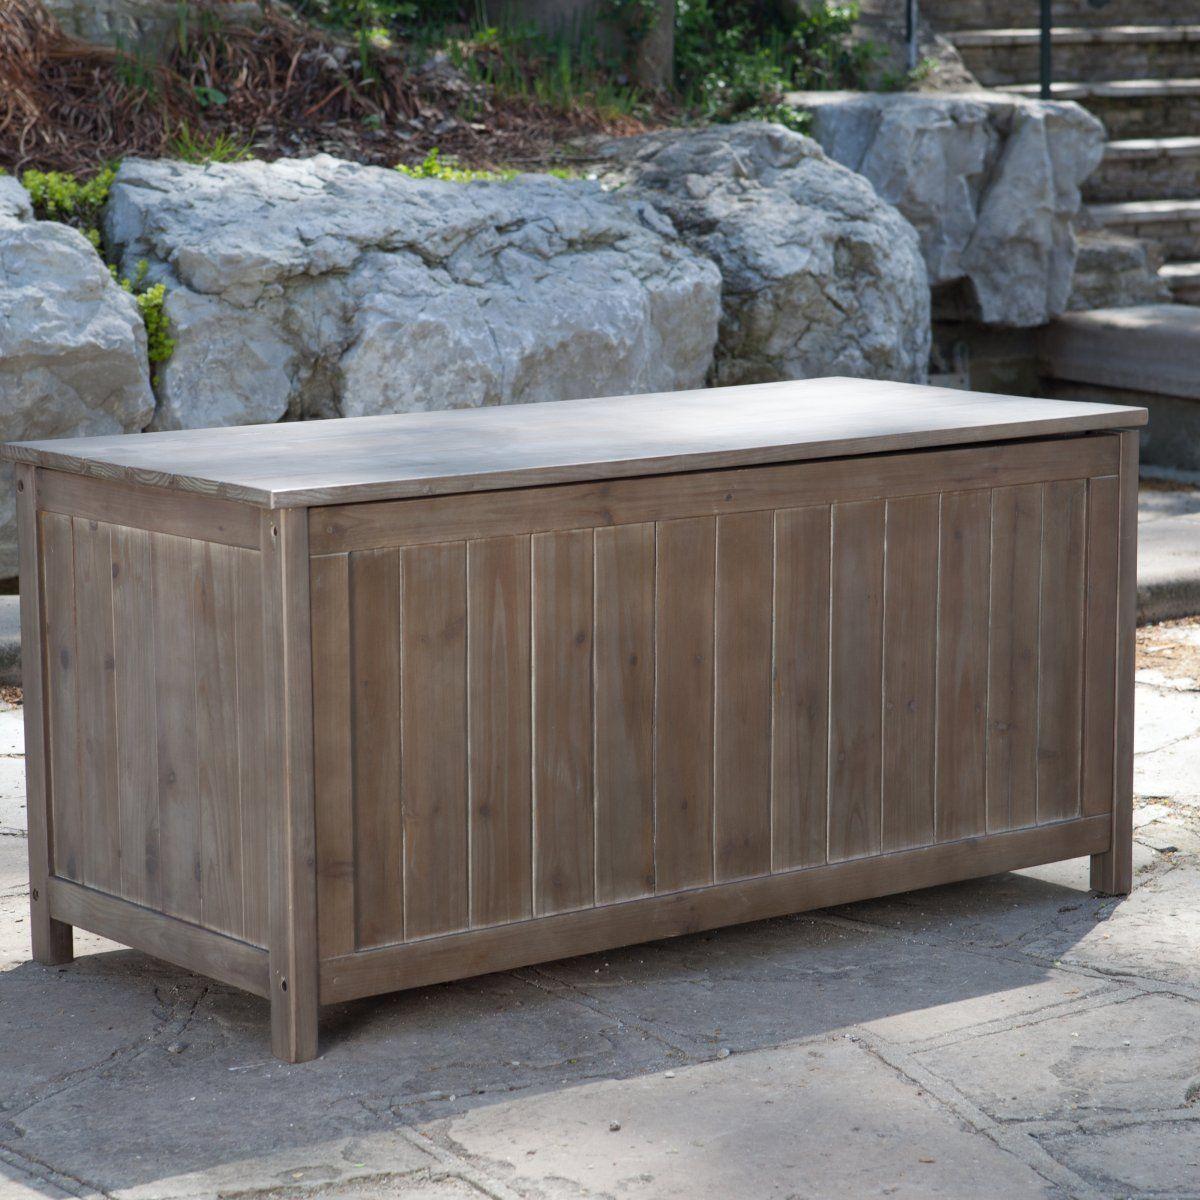 Gardeners Choice Deck Storage Box Antique Grey Outdoor 400 x 300